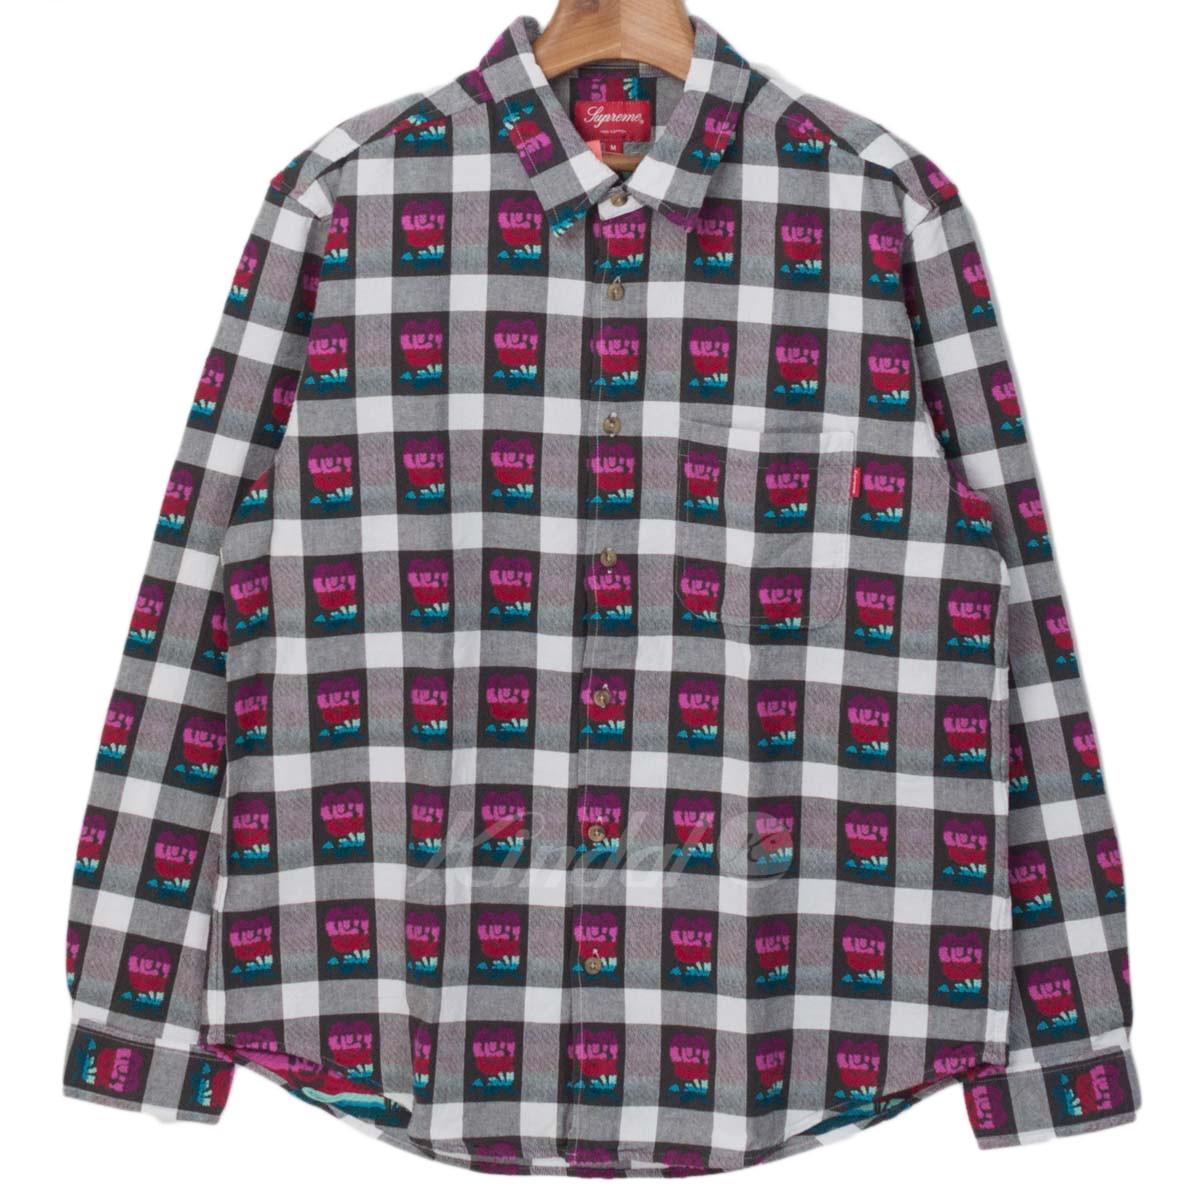 【中古】SUPREME 2019SS Rose Buffalo Plaid Shirt ブラック/ホワイト/レッド サイズ:M 【送料無料】 【020319】(シュプリーム)